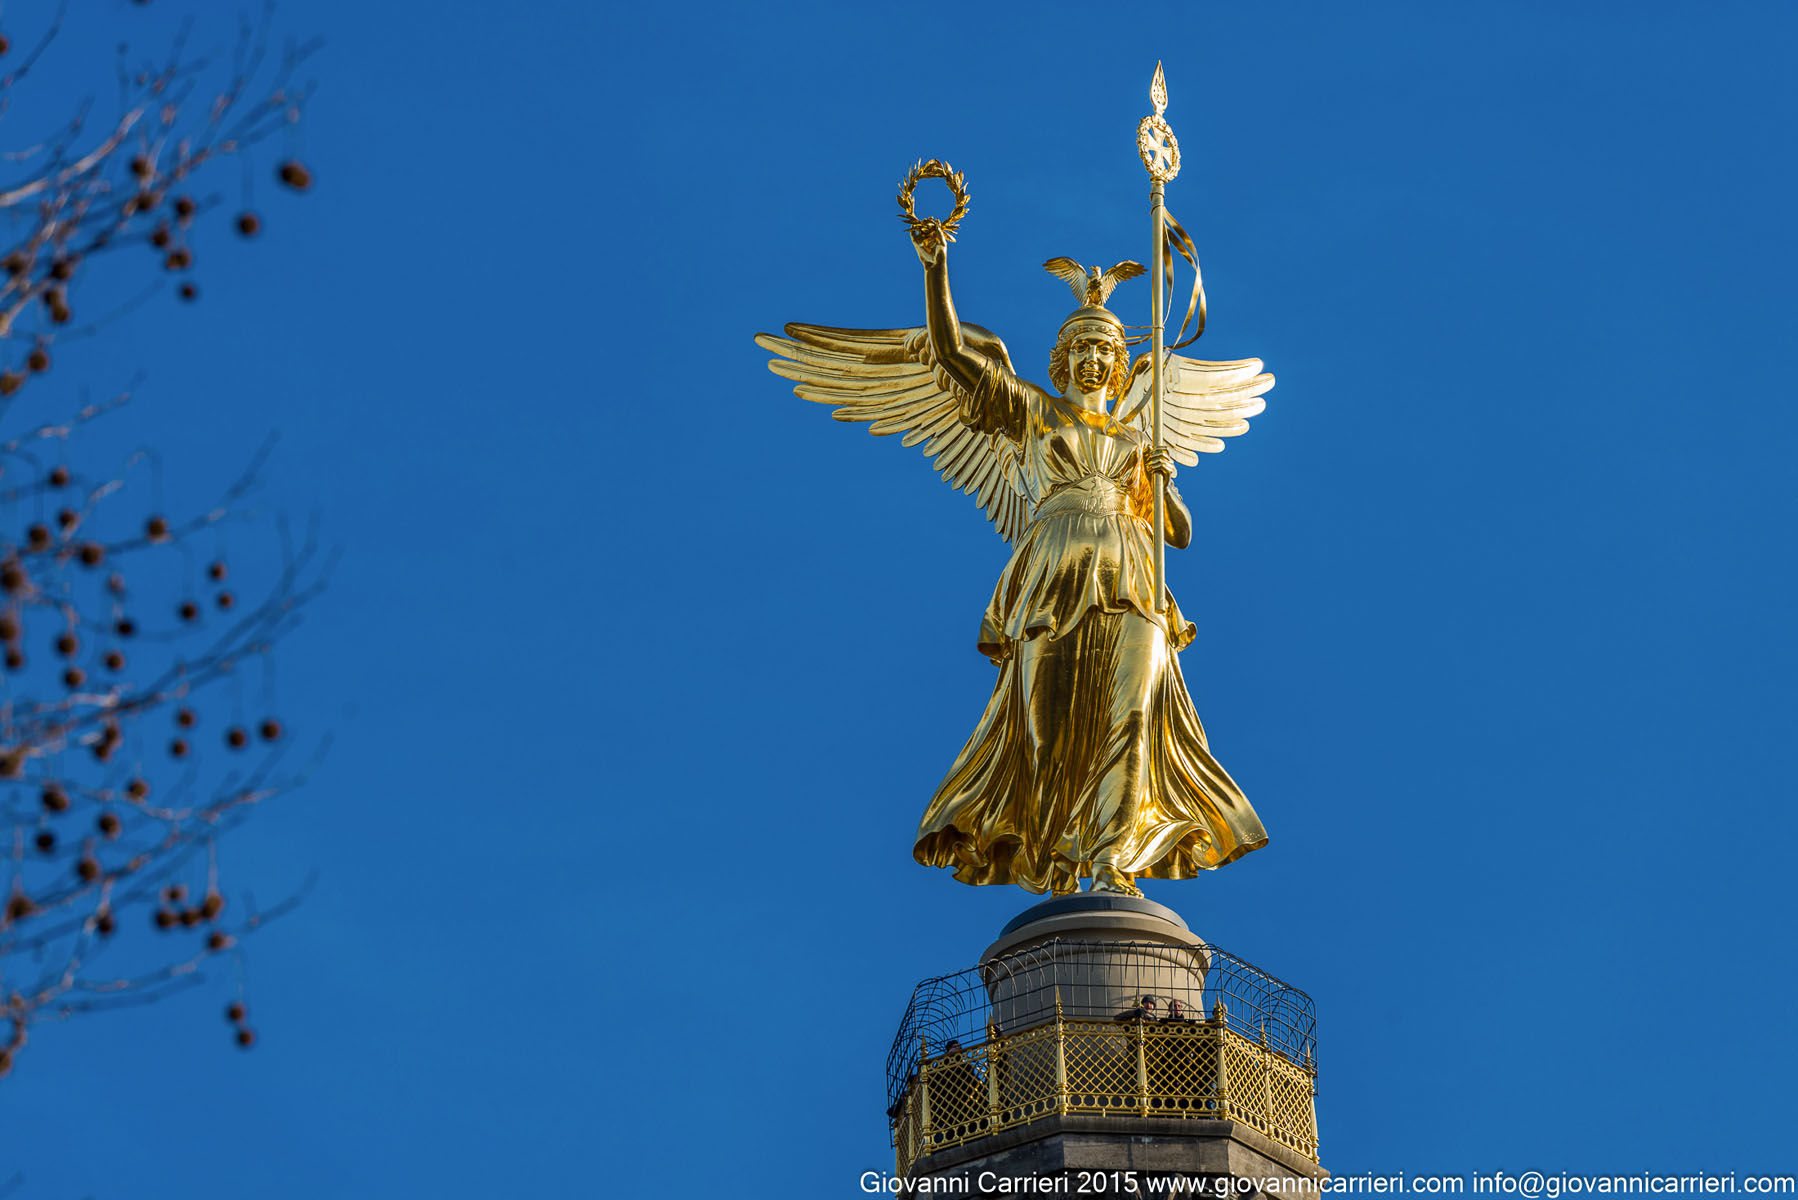 La statua della Vittoria, particolare della Colonna. Tiergarten